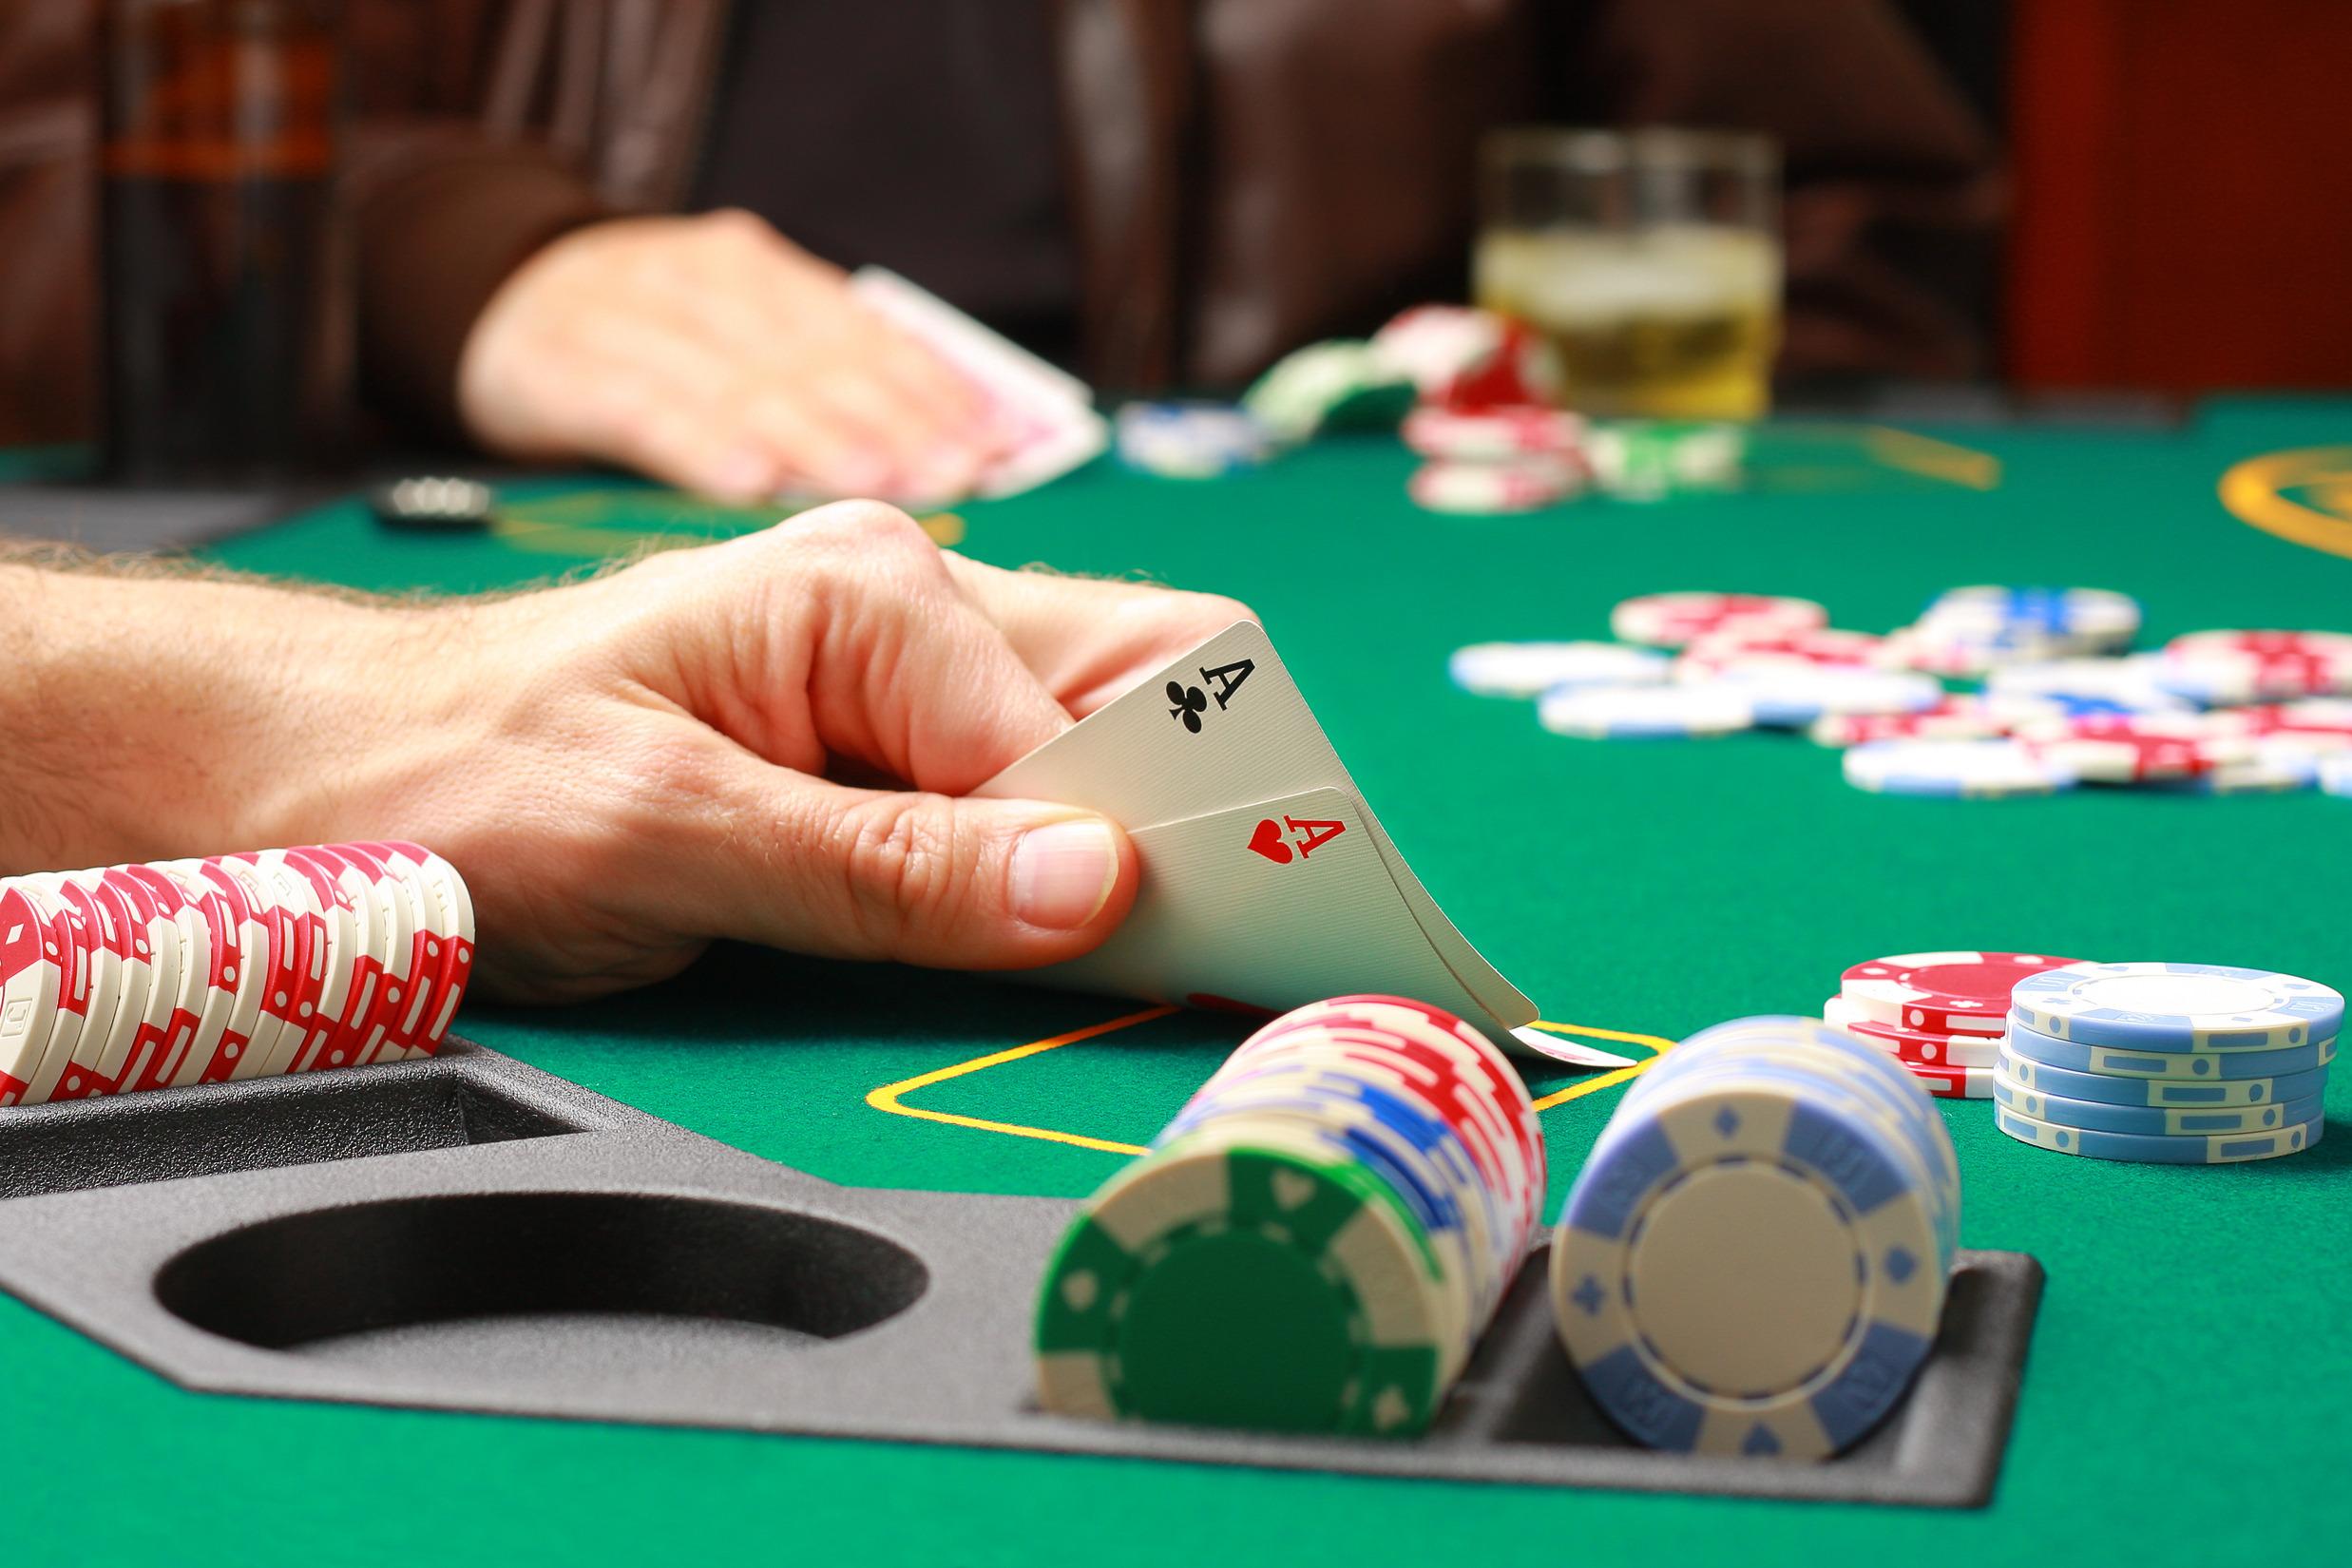 В Москве обнаружили сеть нелегальных игорных казино